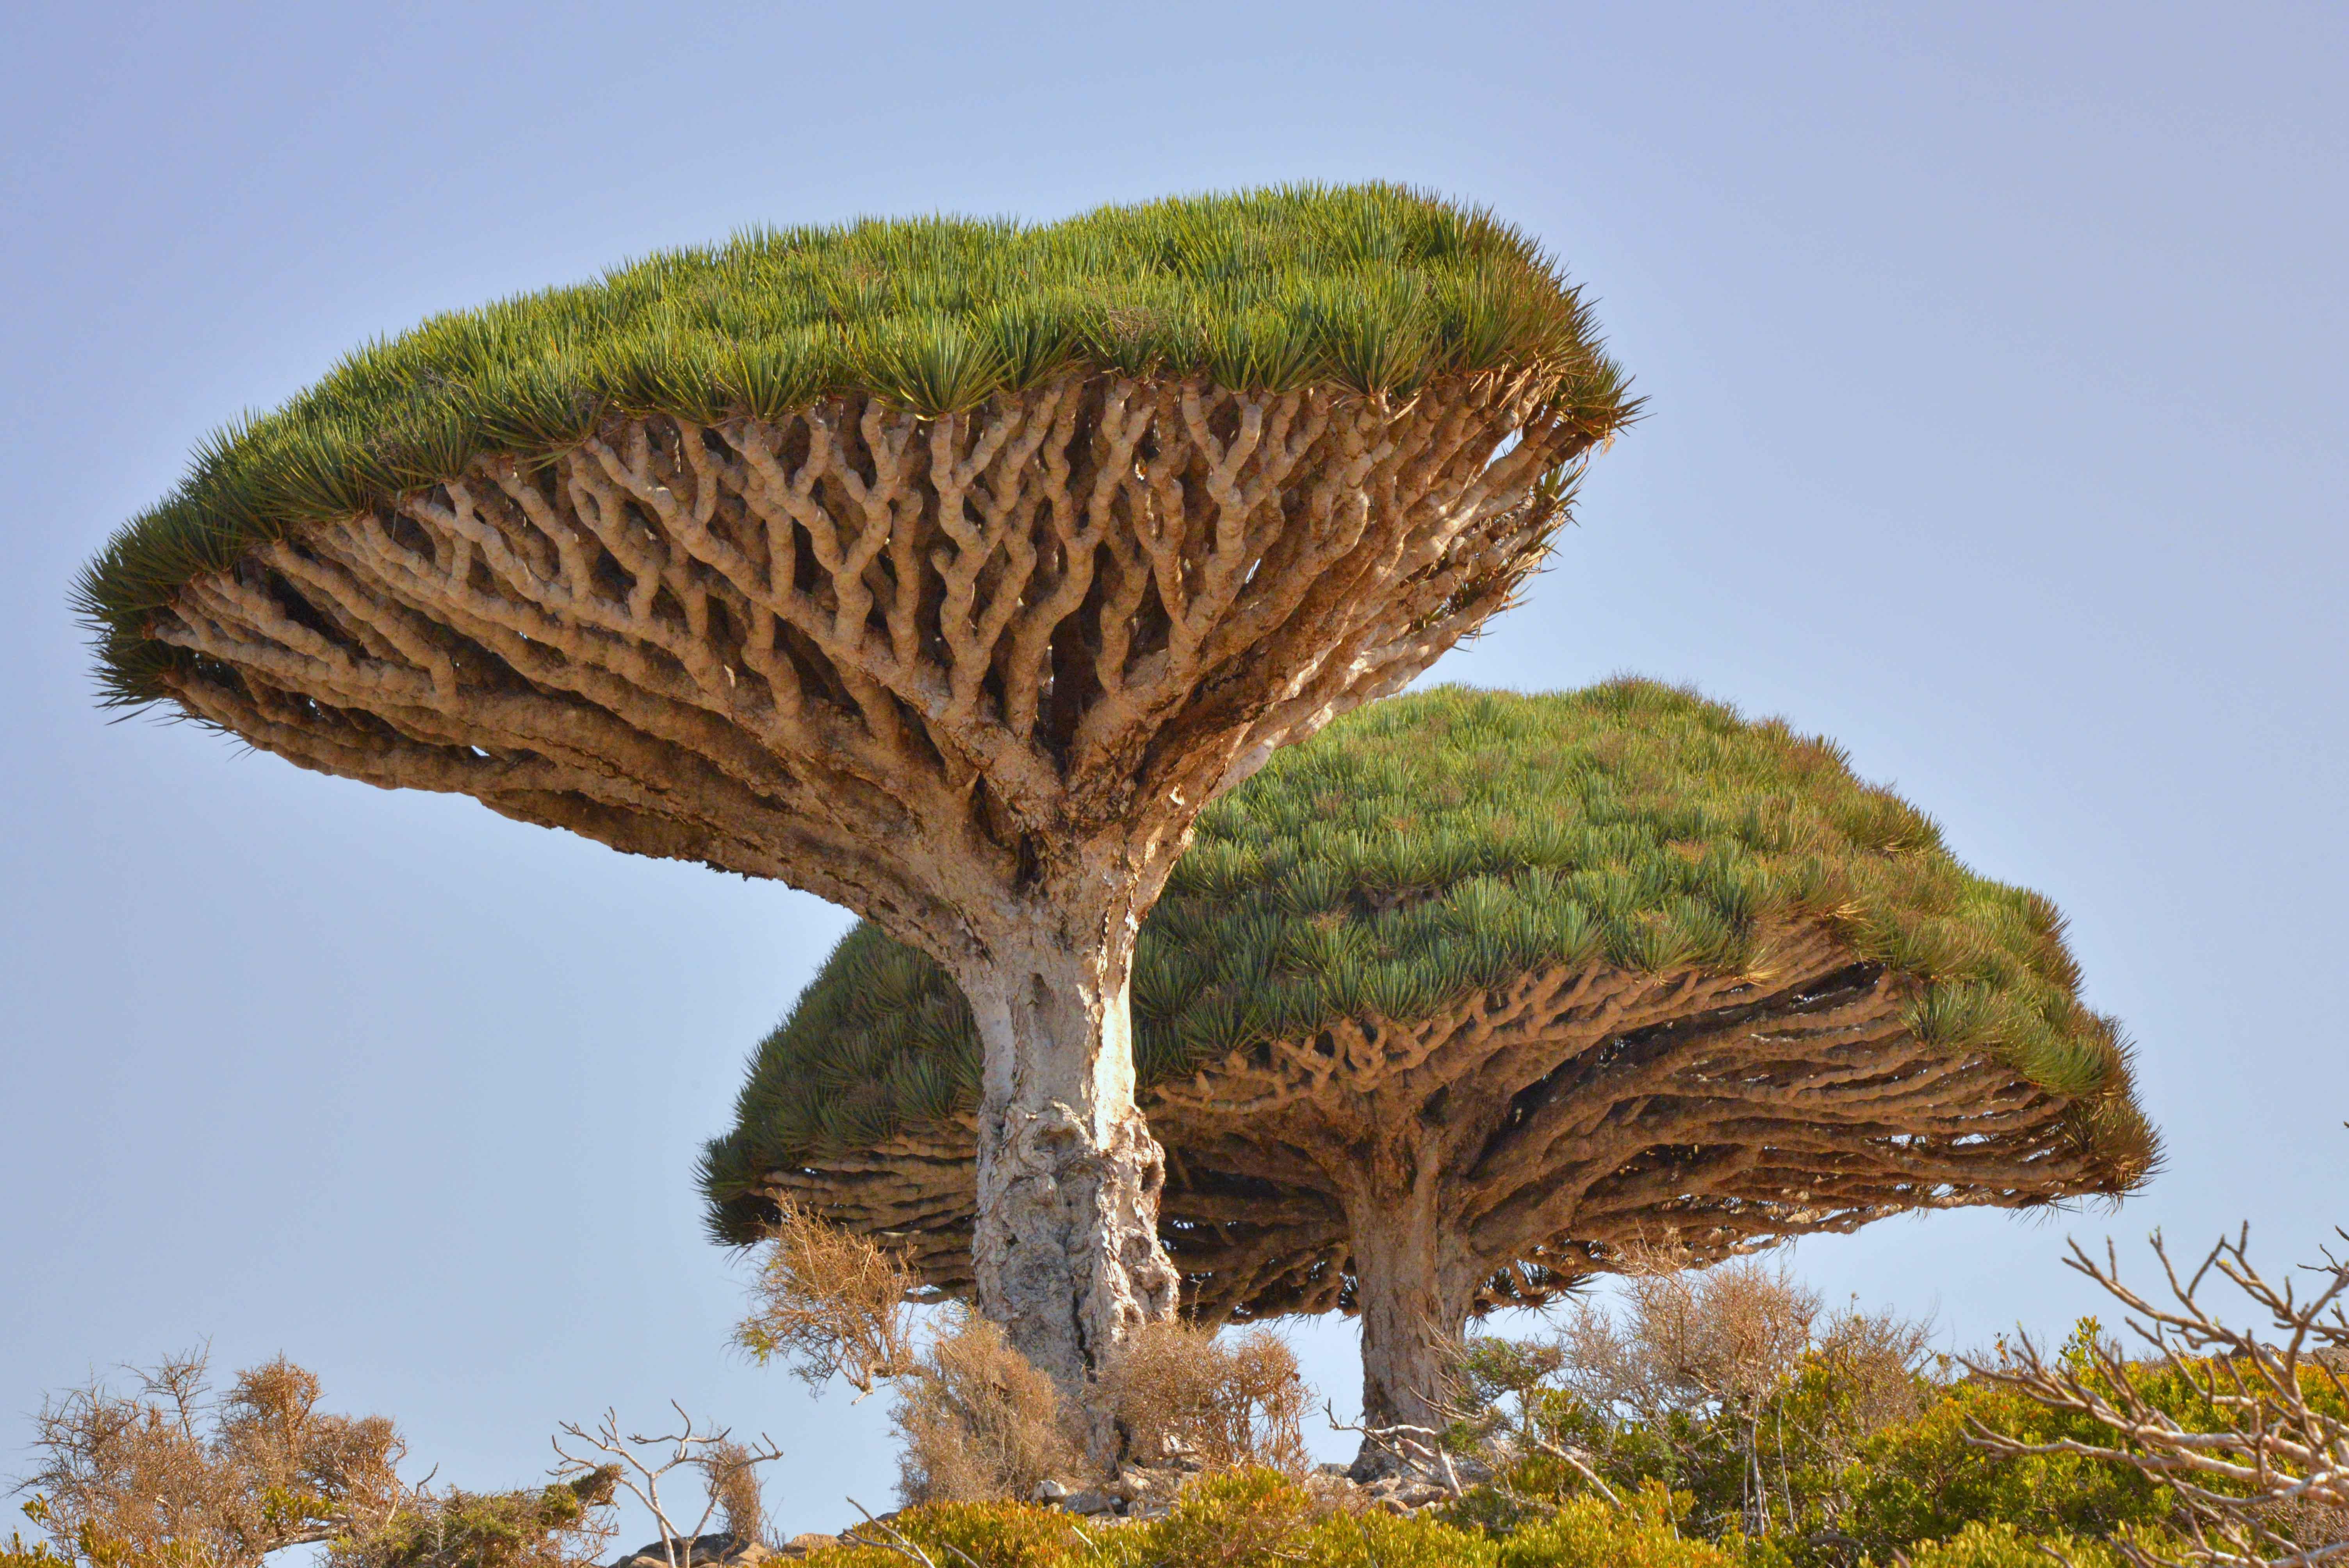 Socotra dragontree